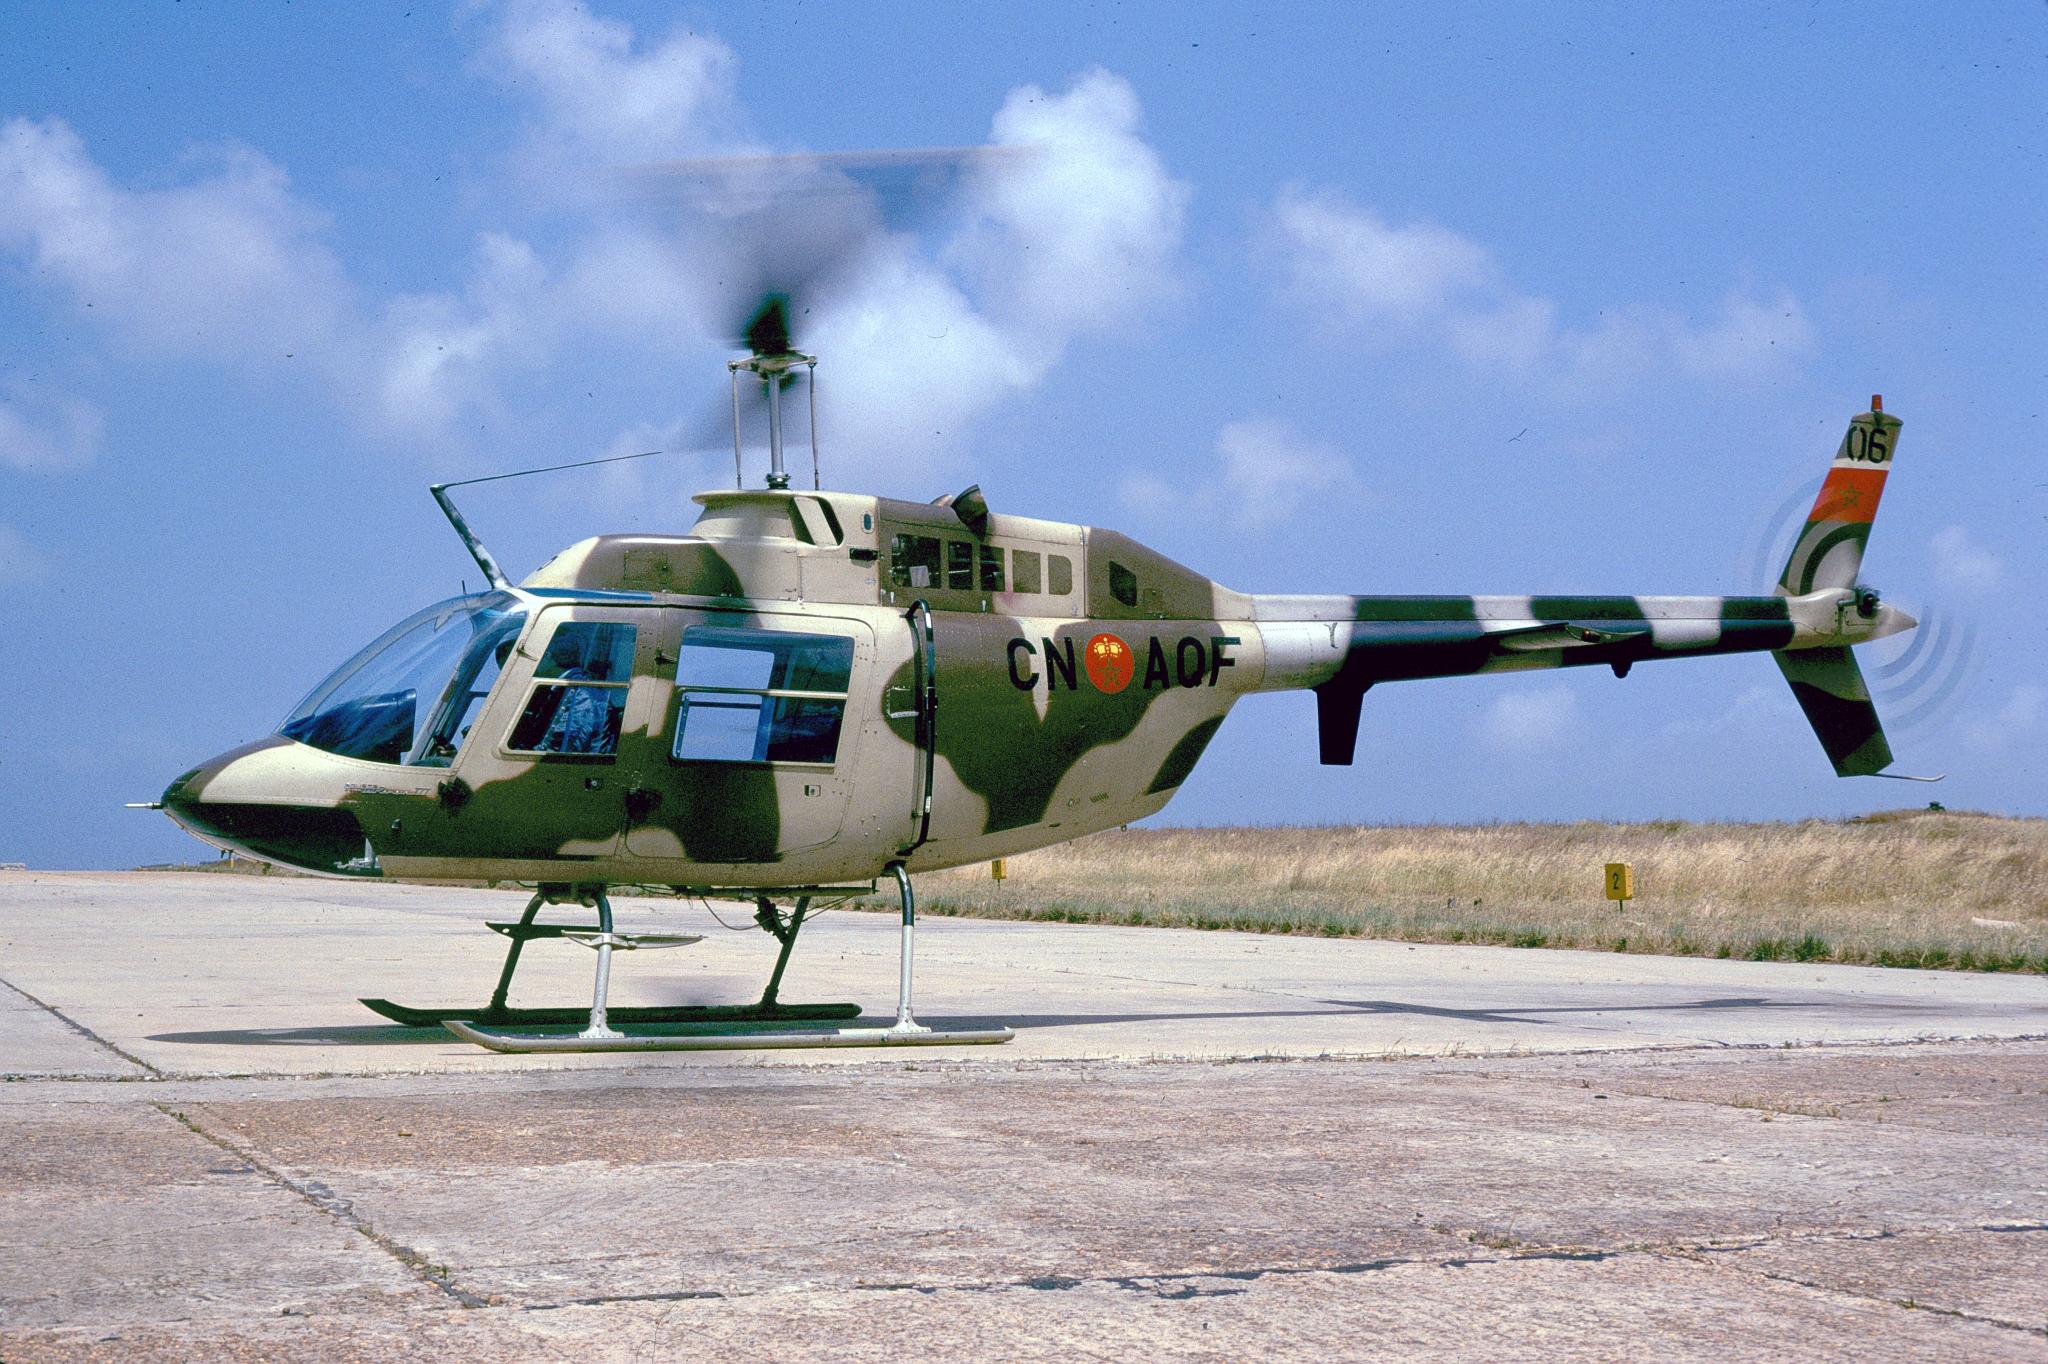 القوات الجوية الملكية المغربية - متجدد - - صفحة 2 160102035607209410